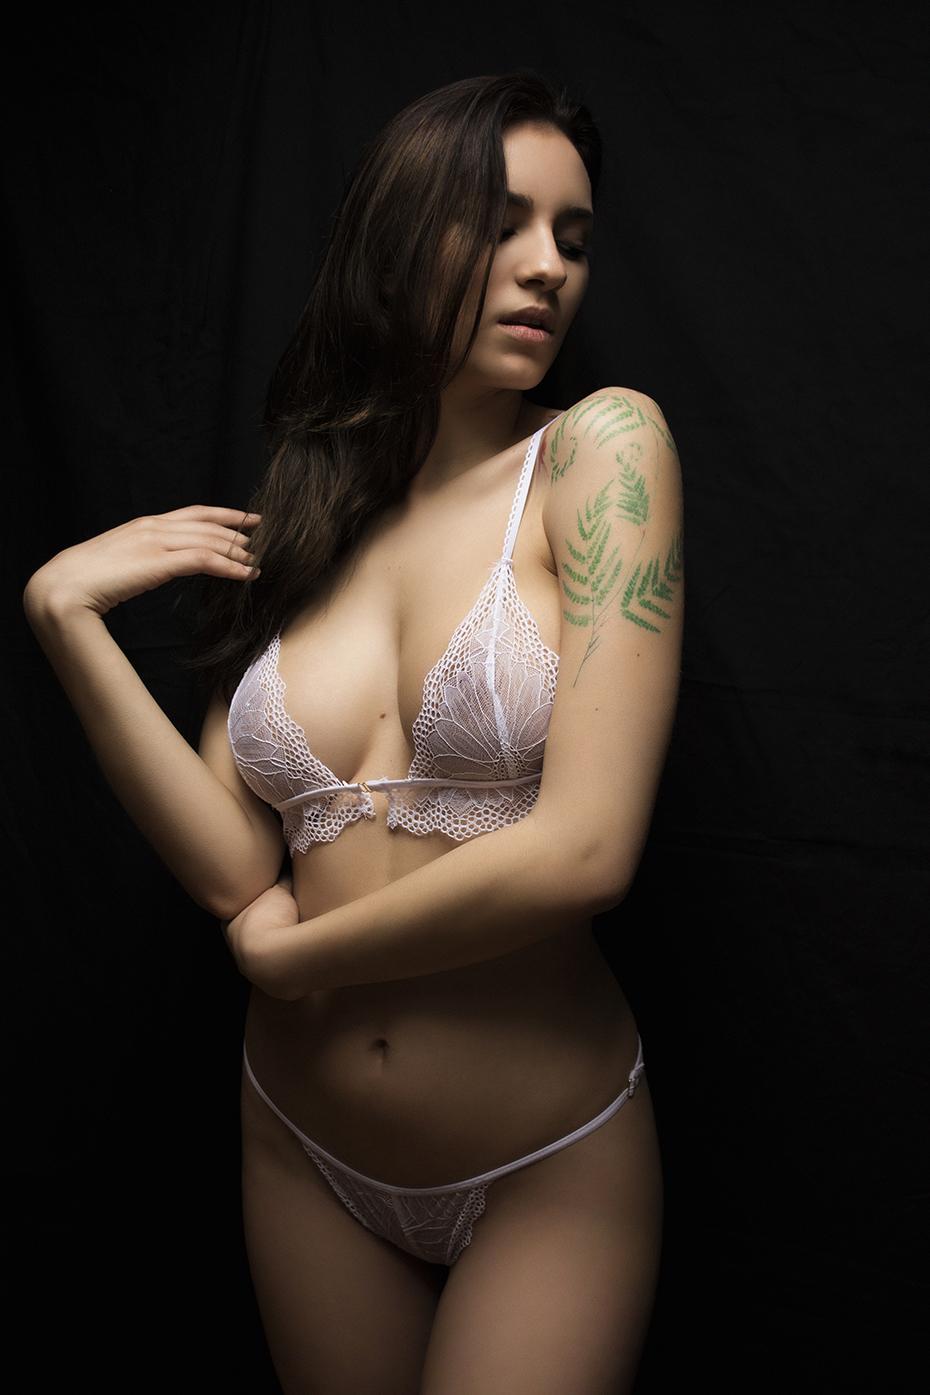 Lara - Acceso gratuito - Desnudo, semidesnudo y boudoir. Fotografía por Javier Cuevas